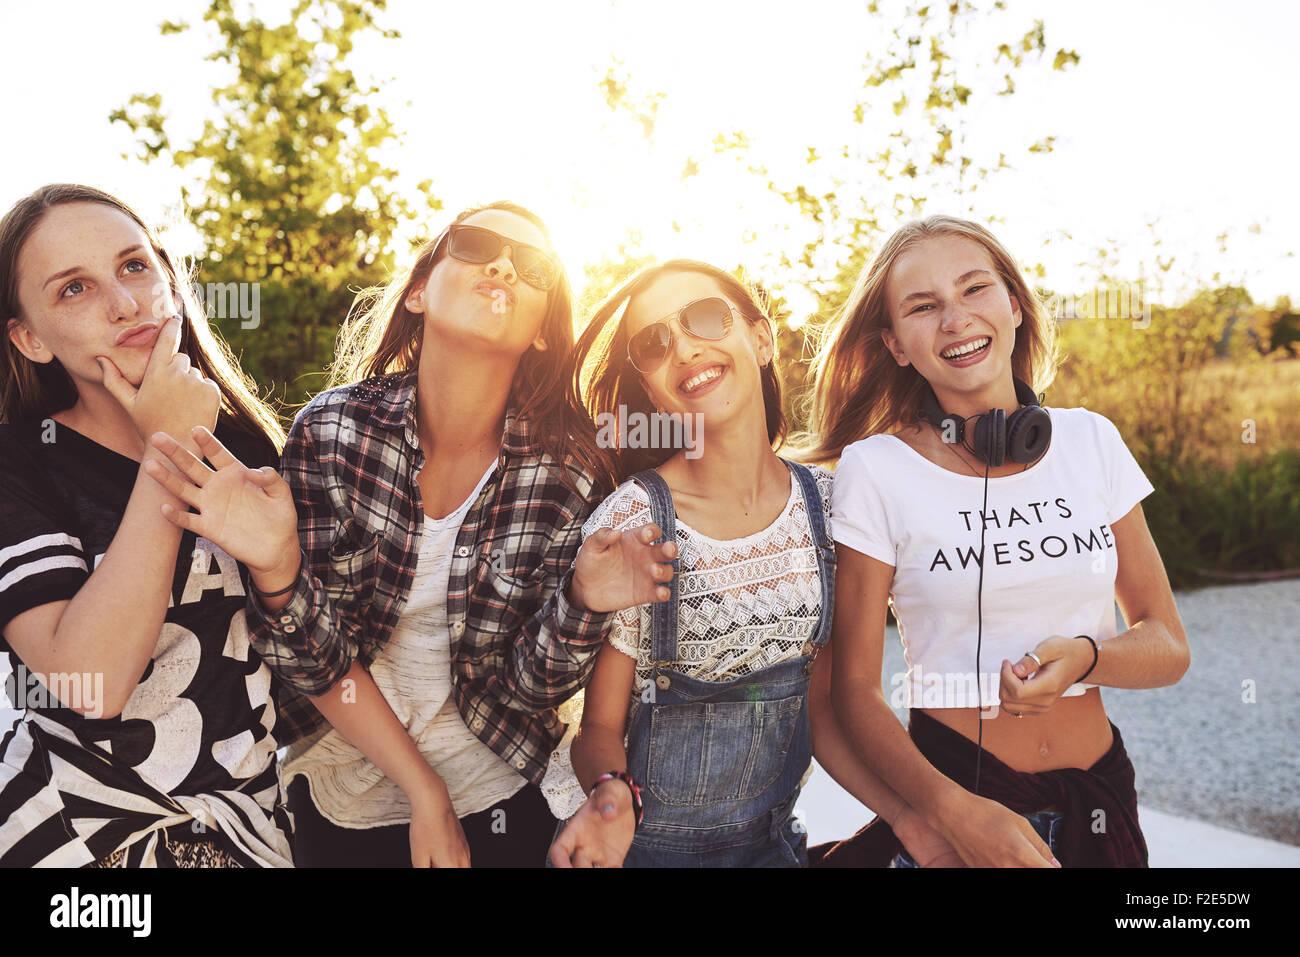 Los adolescentes divirtiéndose en un día de verano, sun flare Imagen De Stock